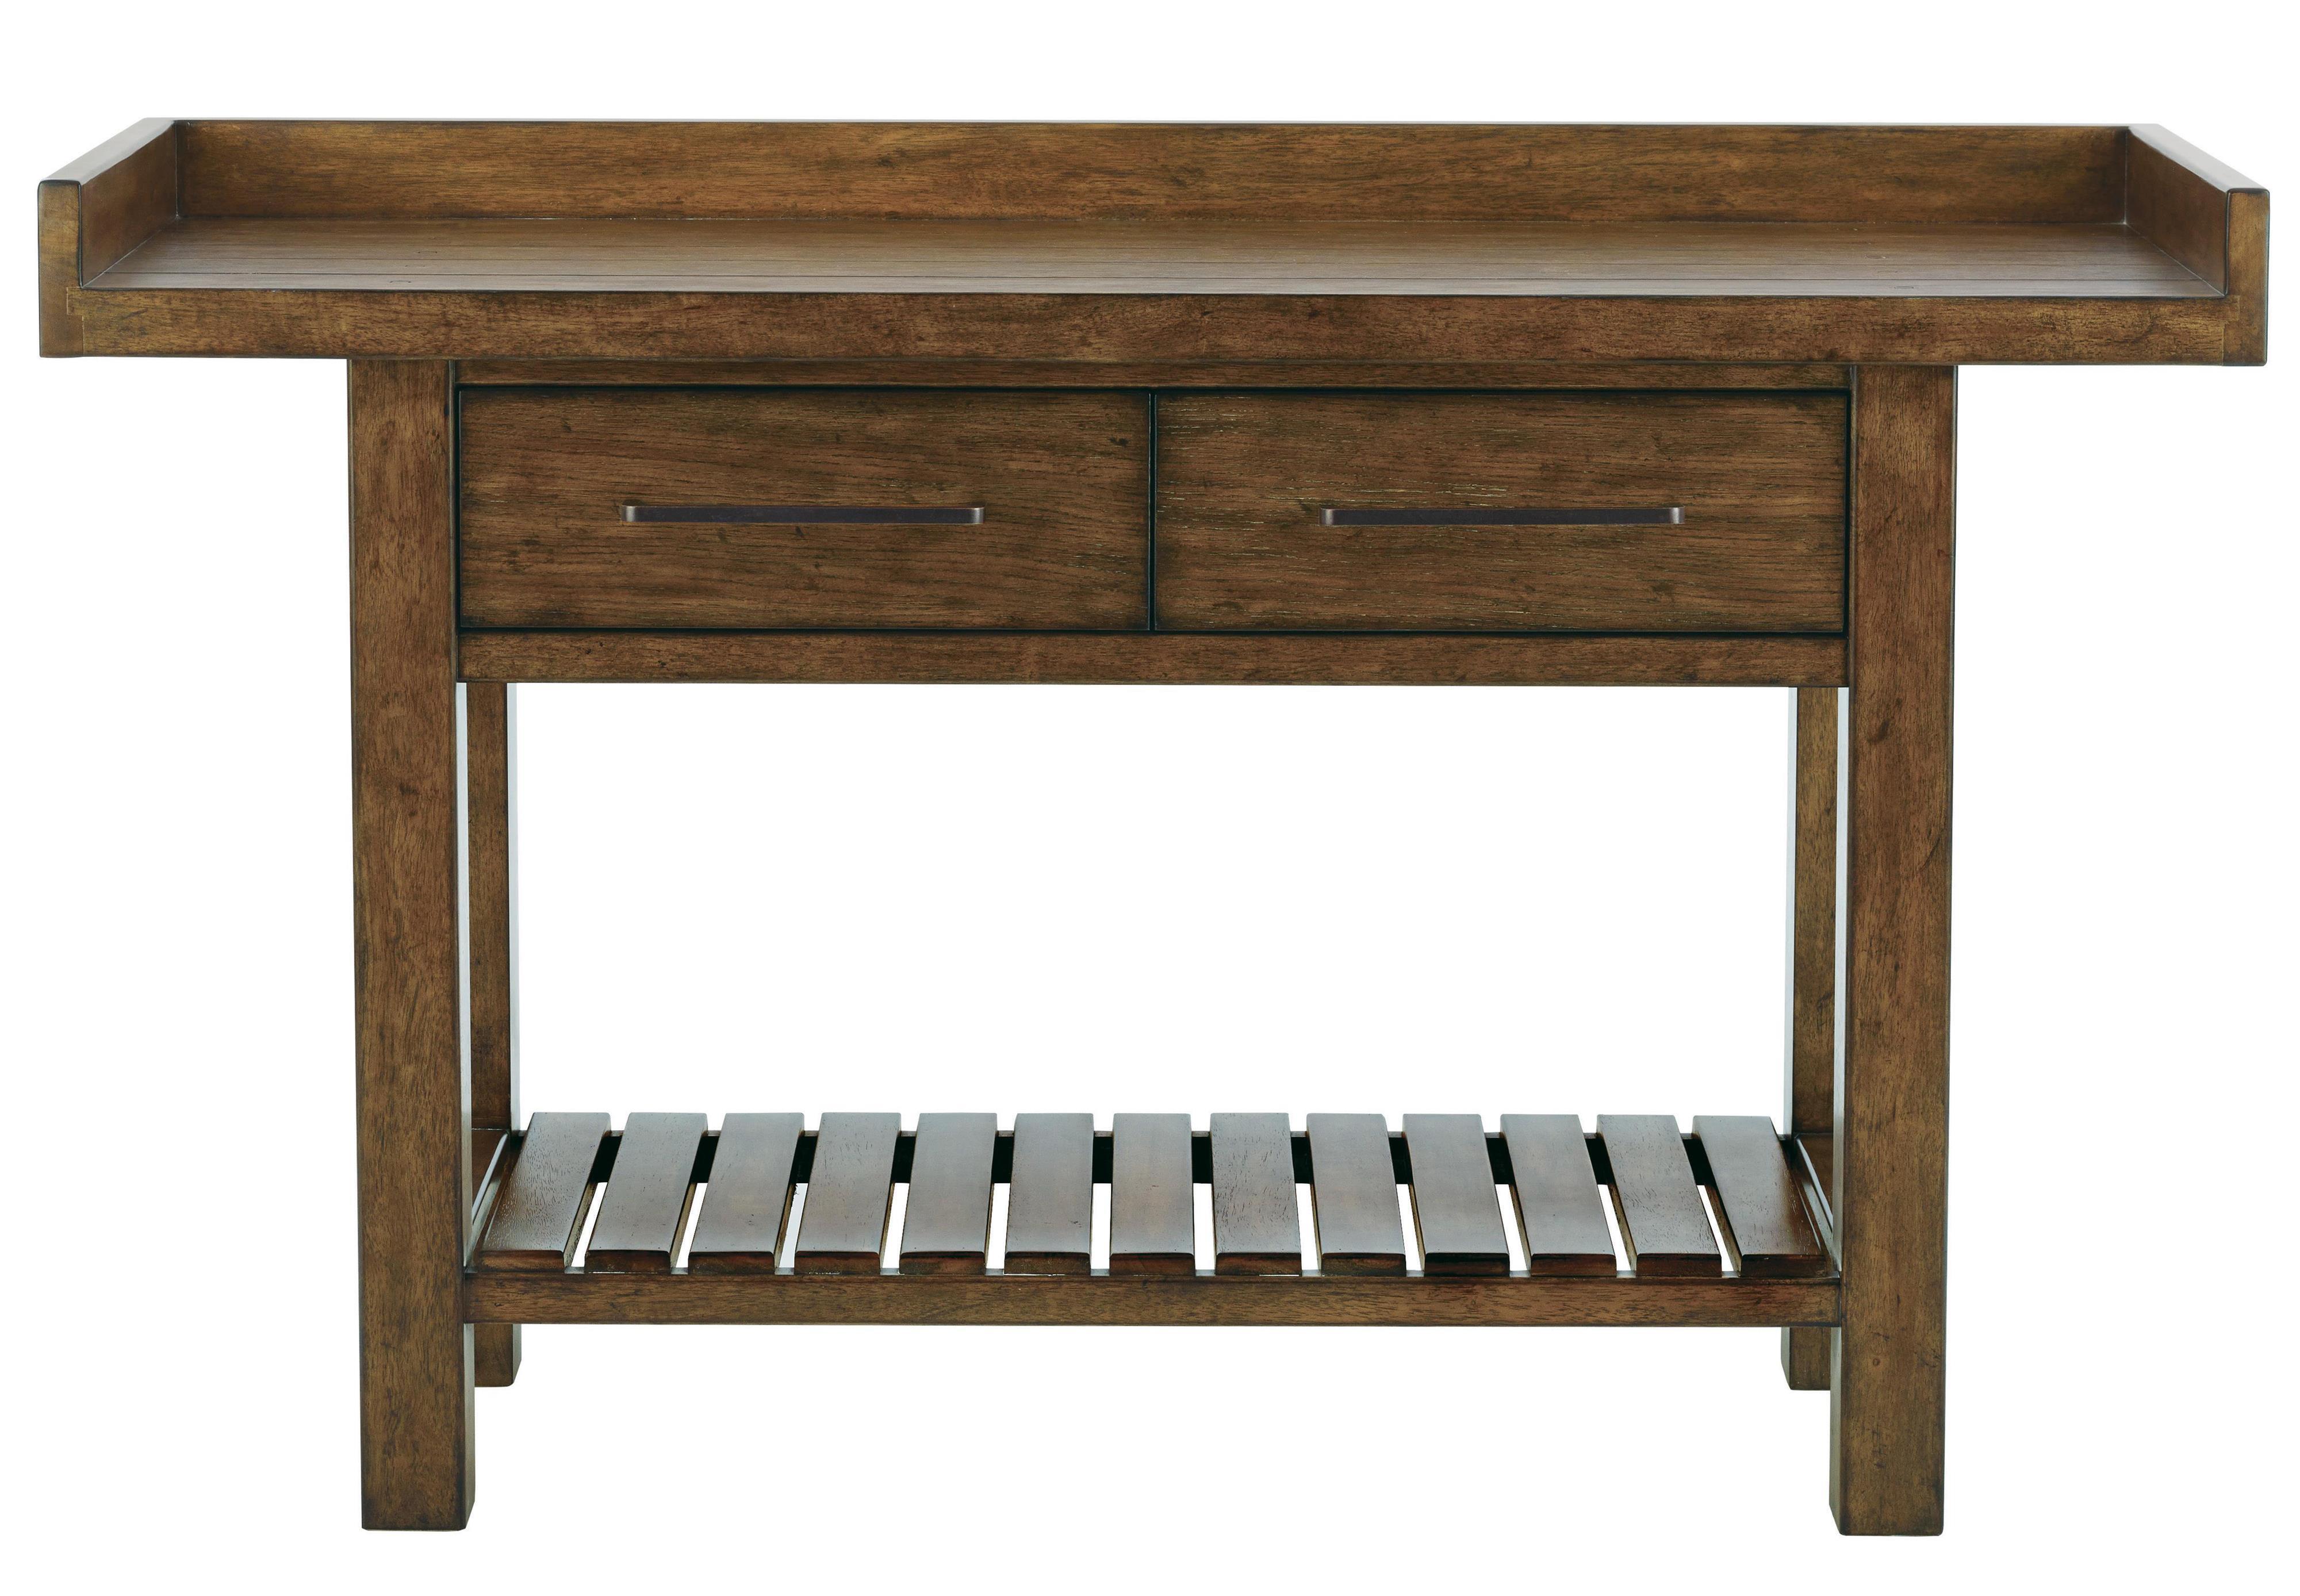 Belfort Select Virginia Mill 2 Drawer Sideboard - Item Number: 8854-146